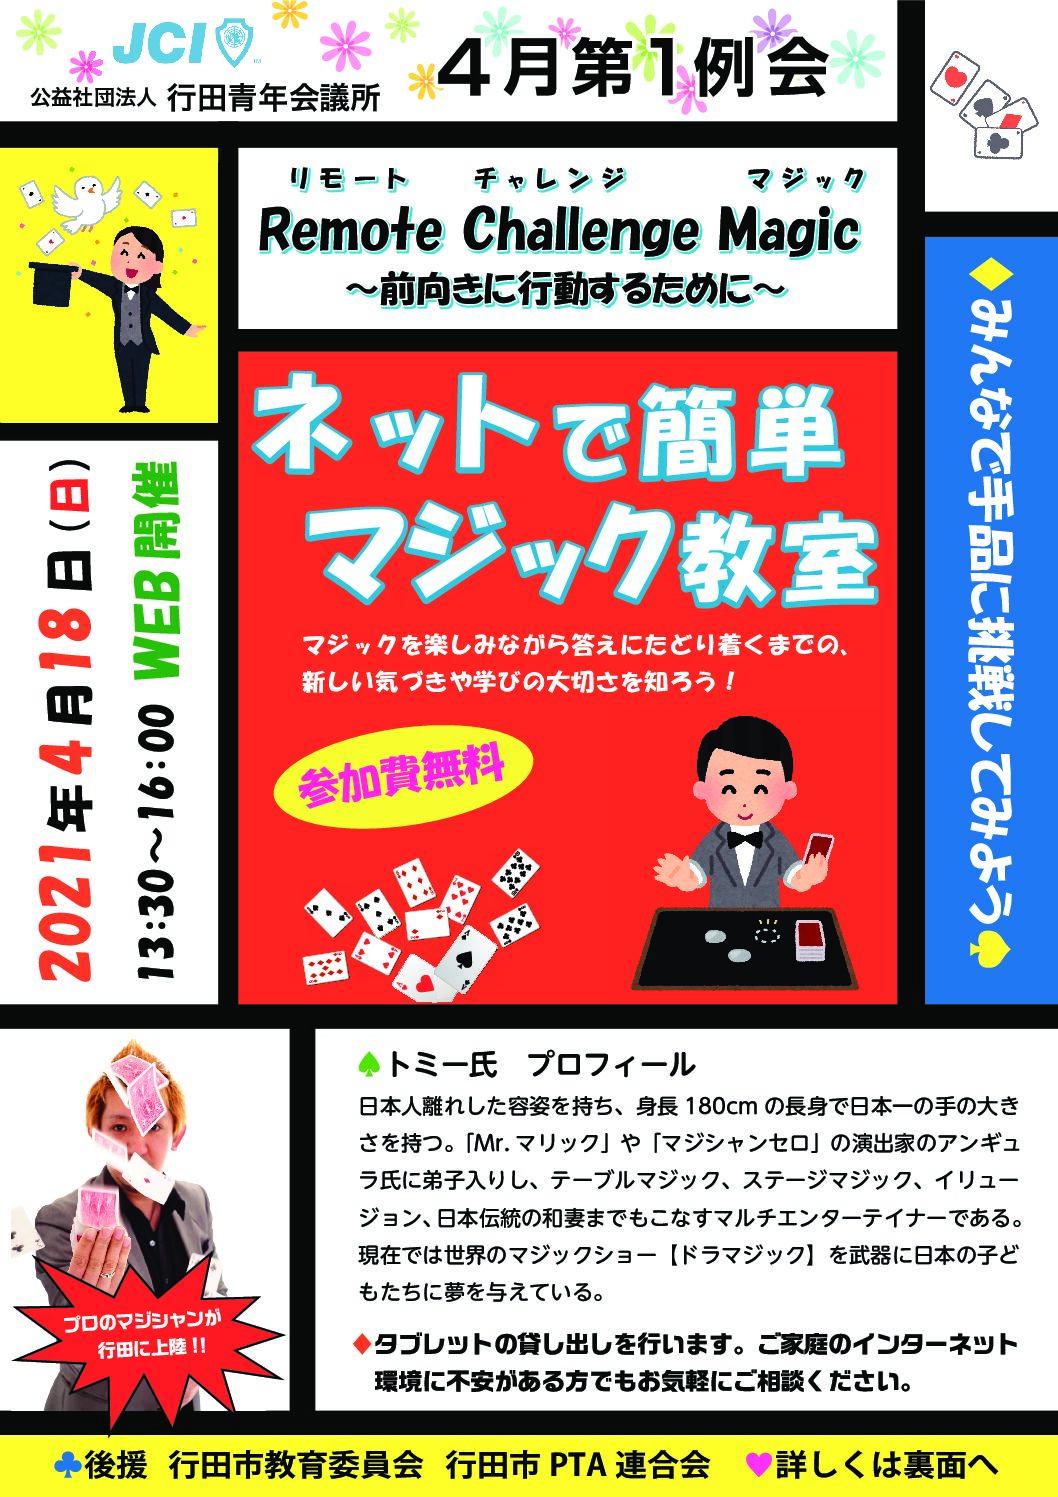 4月第1例会  Remote Challenge Magic  ~前向きに行動するために~  のご案内